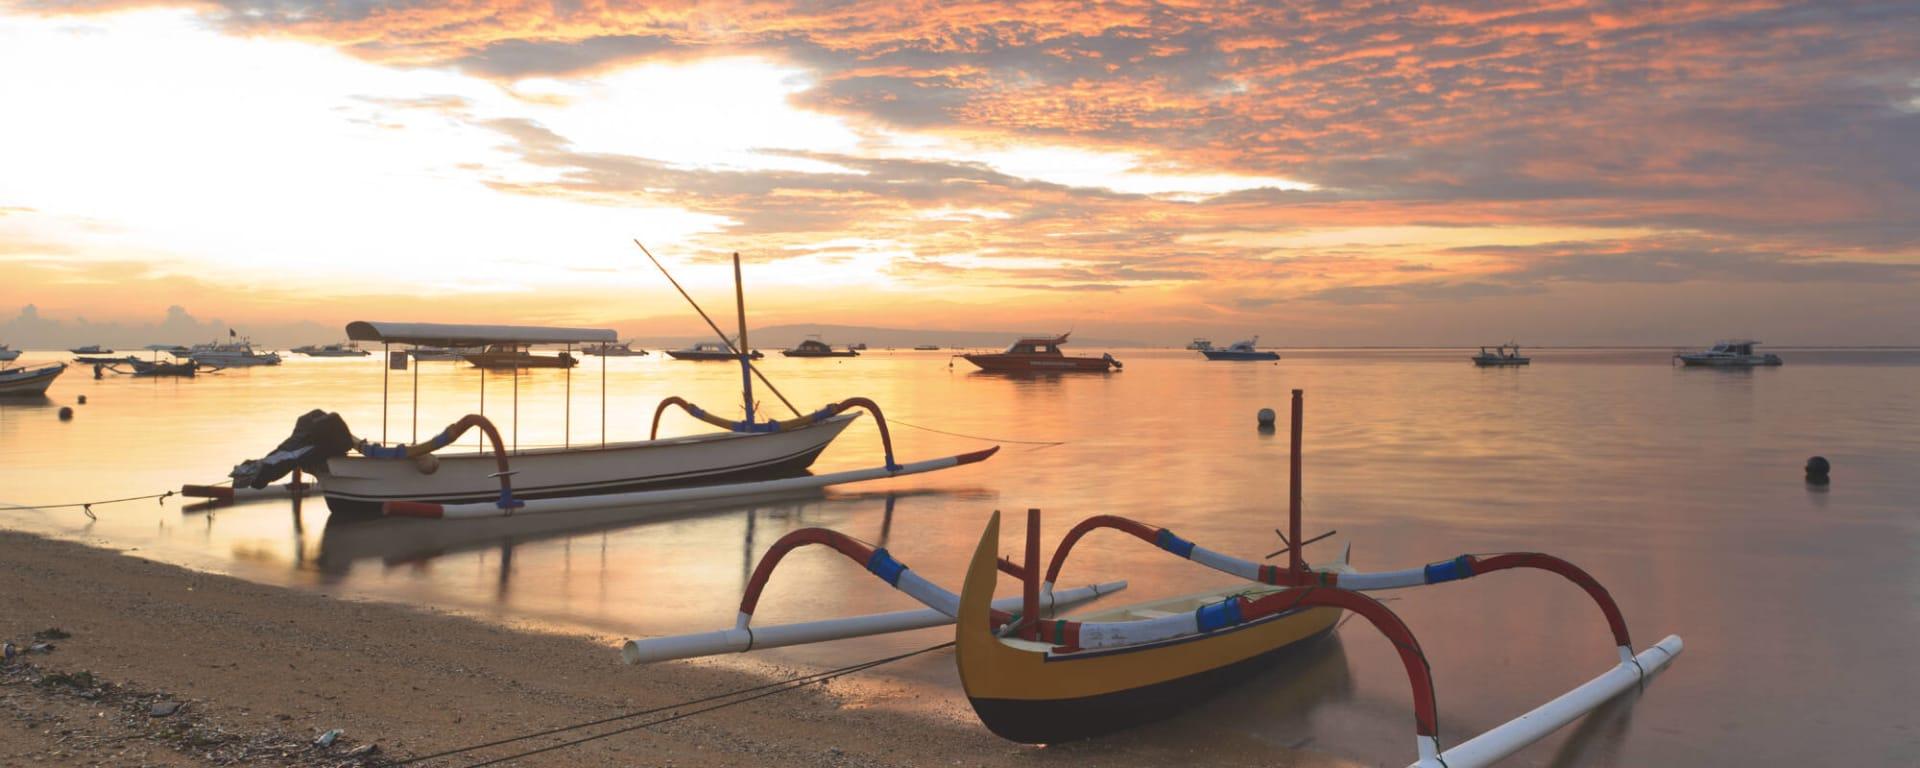 Indonesien entdecken mit Tischler Reisen: Indonesien Bali Sanur Strand